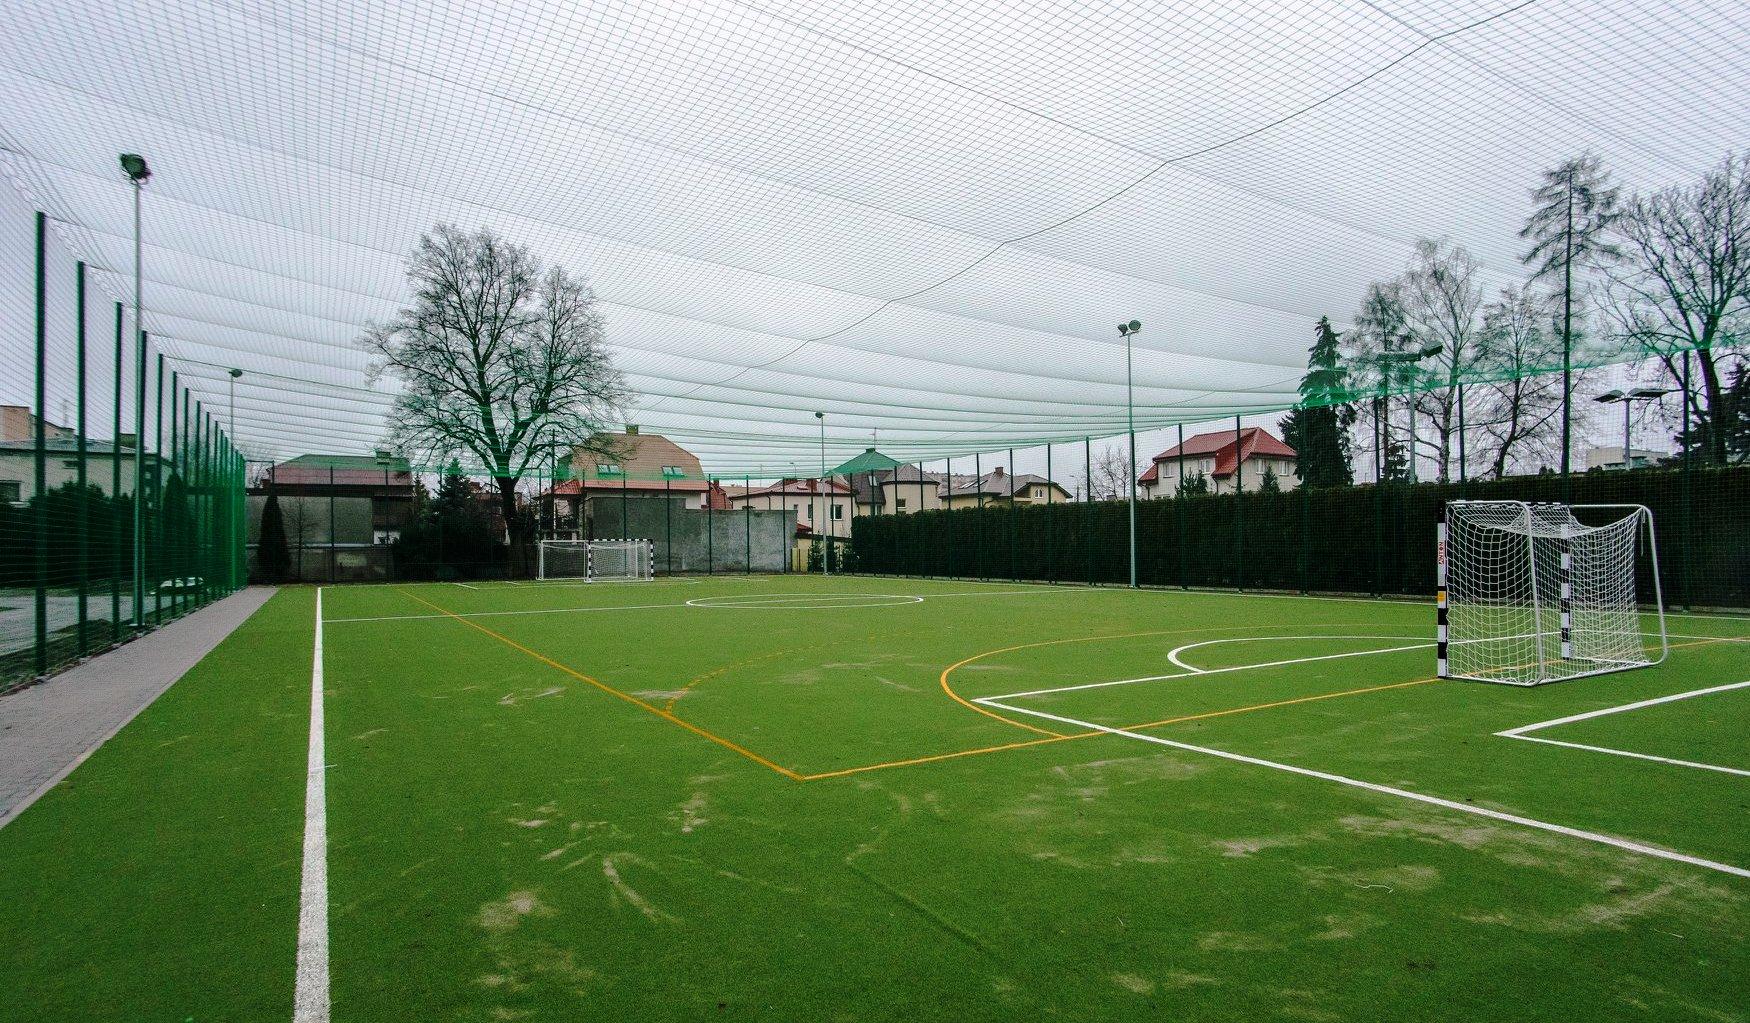 Miejsce do gry w piłkę nożną czy siatkówkę. Nowe boiska przy Stanisławówce gotowe [ZDJĘCIA] - Zdjęcie główne